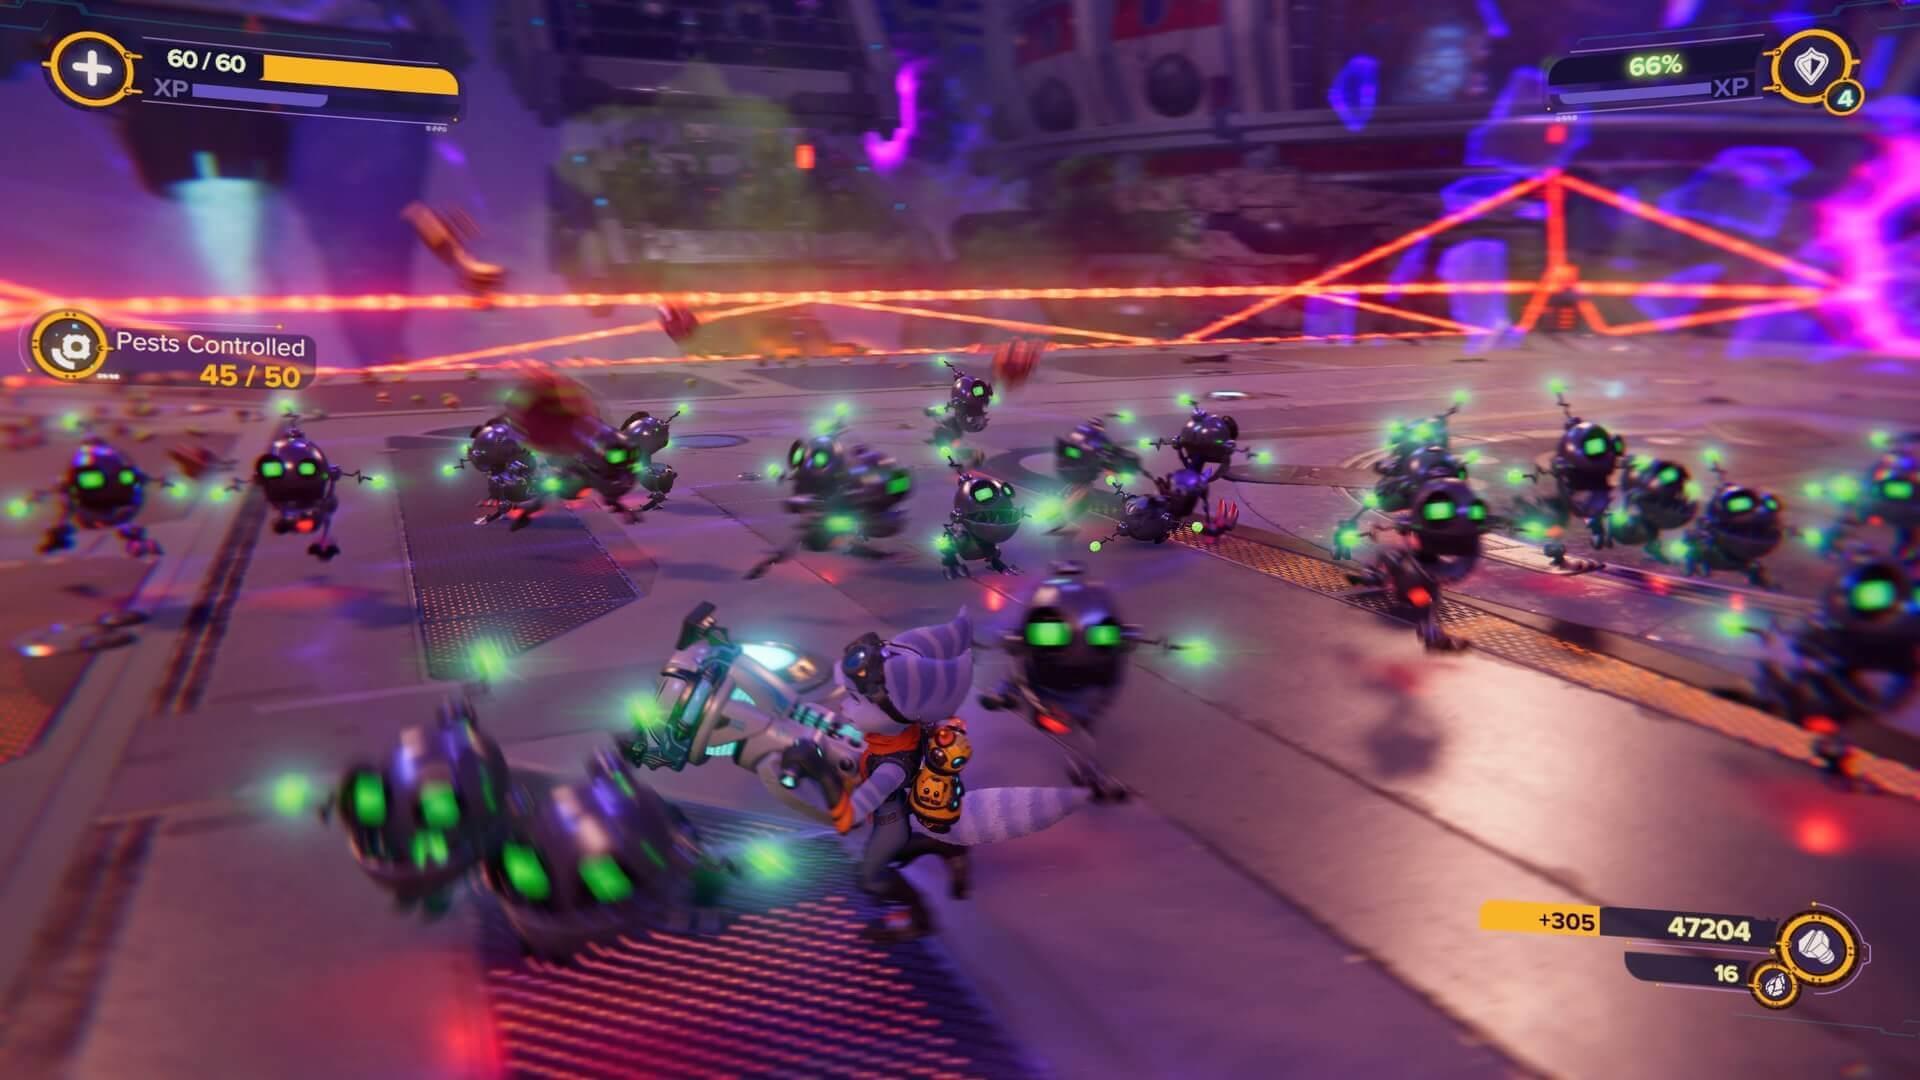 Análise Ratchet e Clank, Ratchet e Clank, Ratchet & Clank, Rift Apart, Delfos, Insomniac